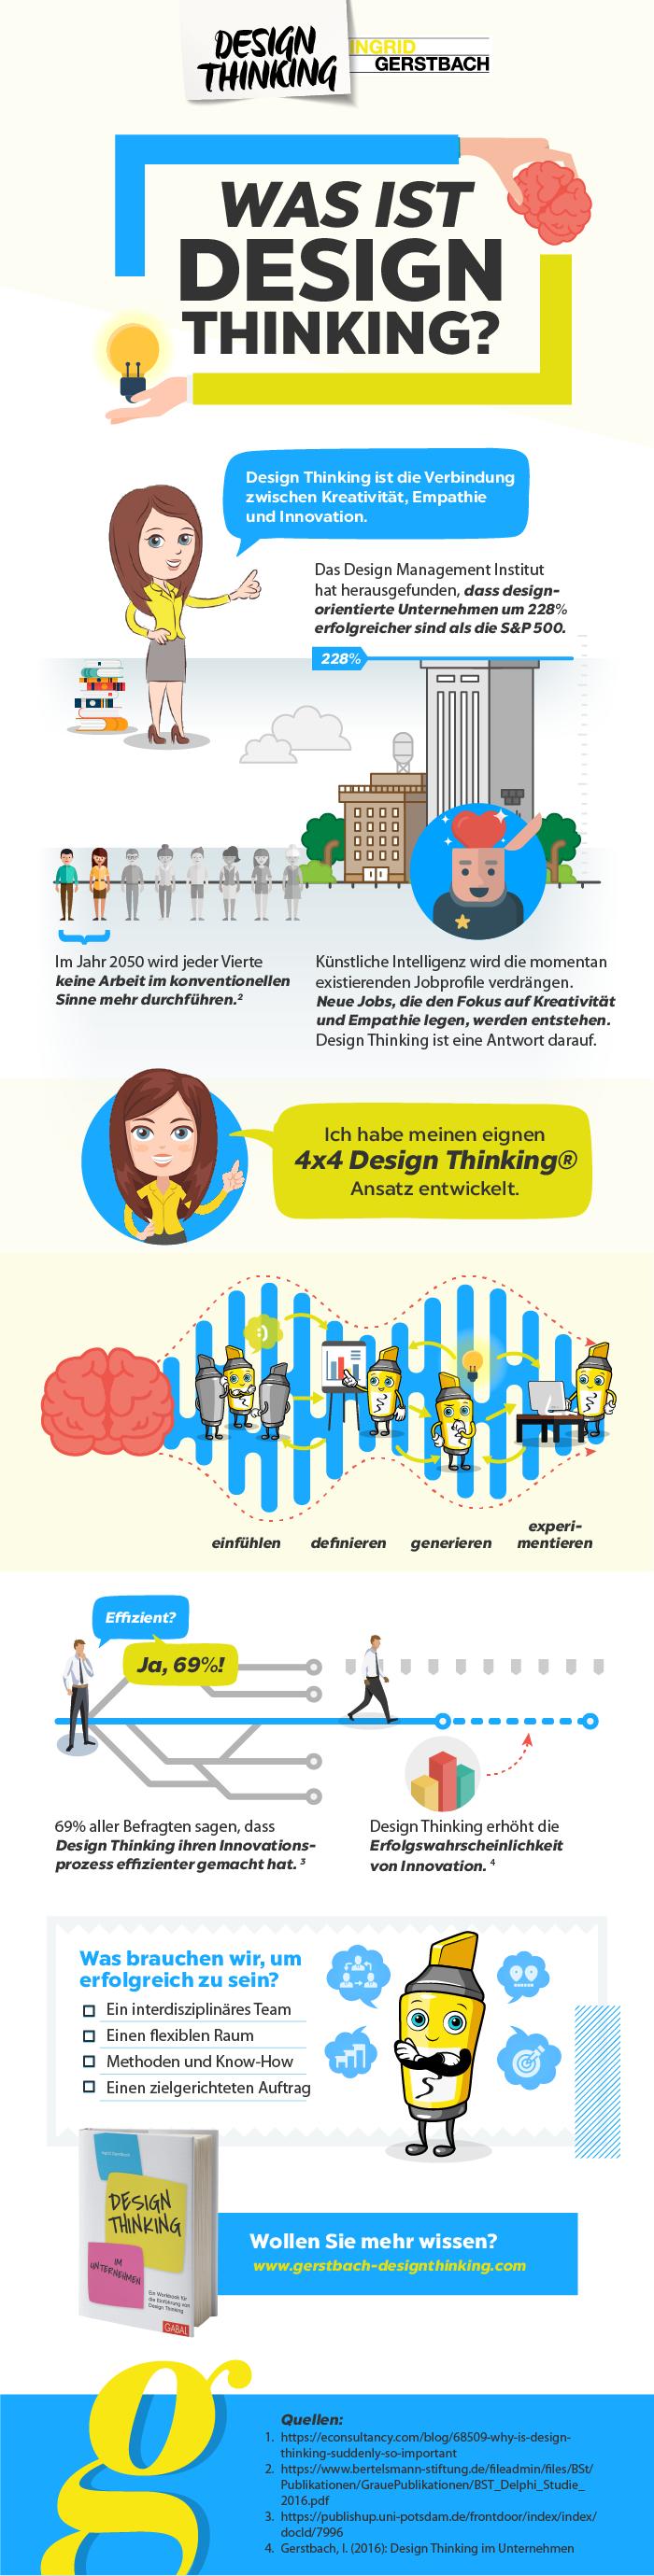 Diese Infografik auf Ihrer Webseite einbinden?